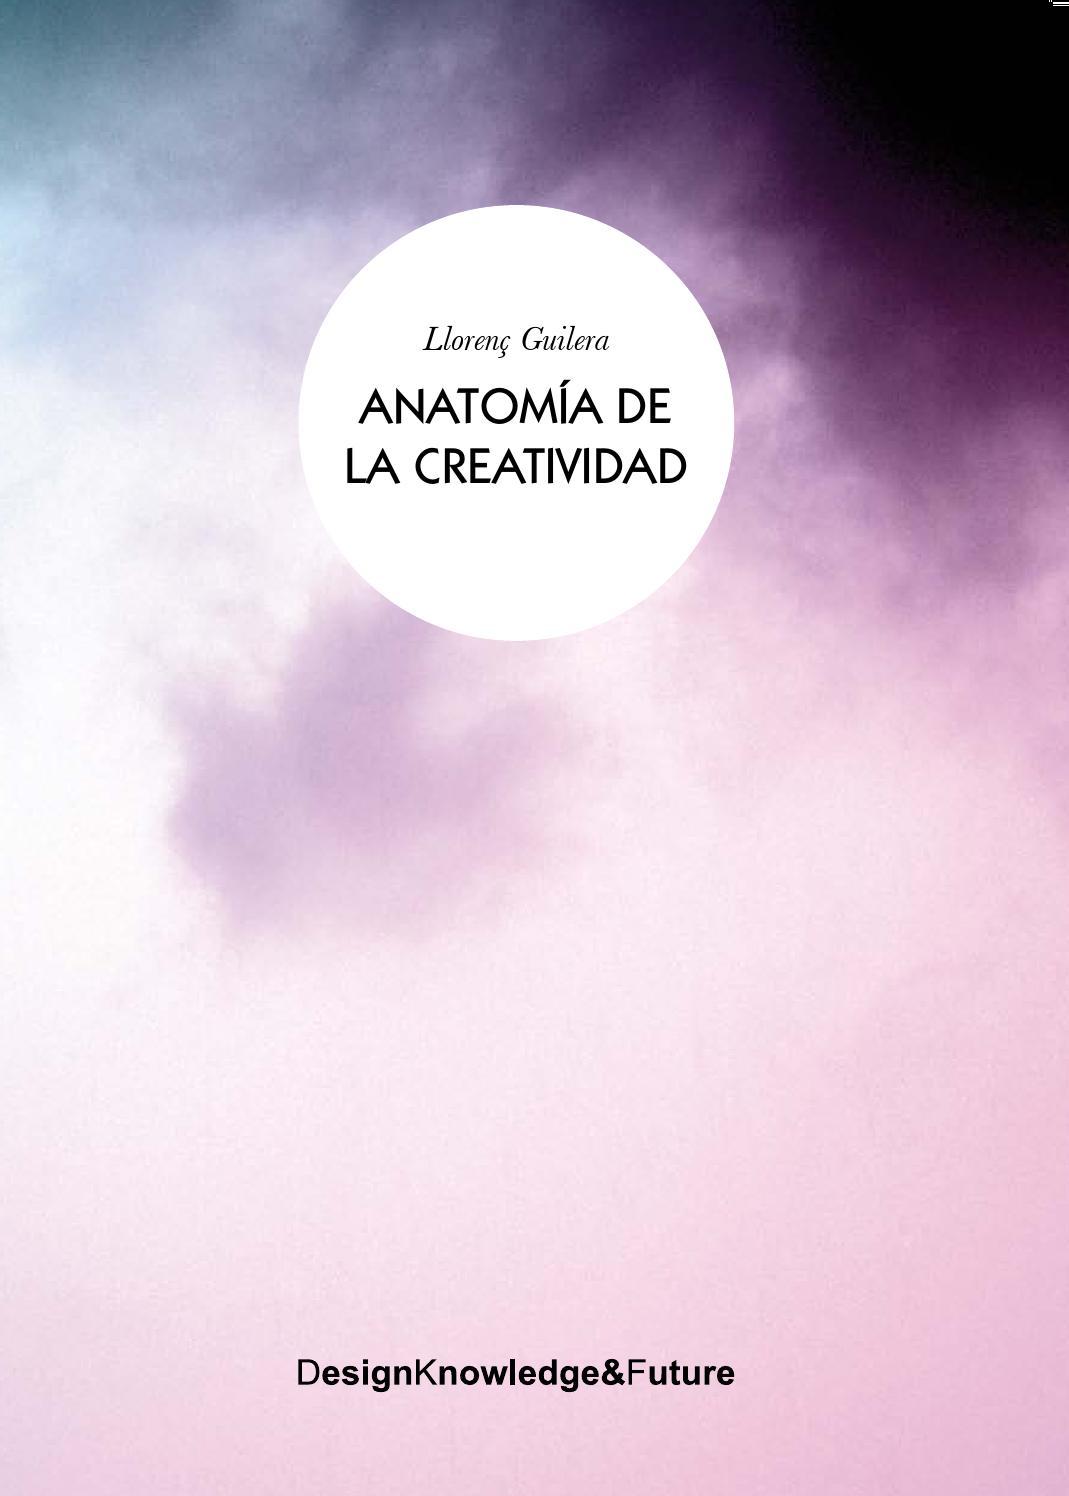 Anatomia de la creatividad by rosalythr - issuu